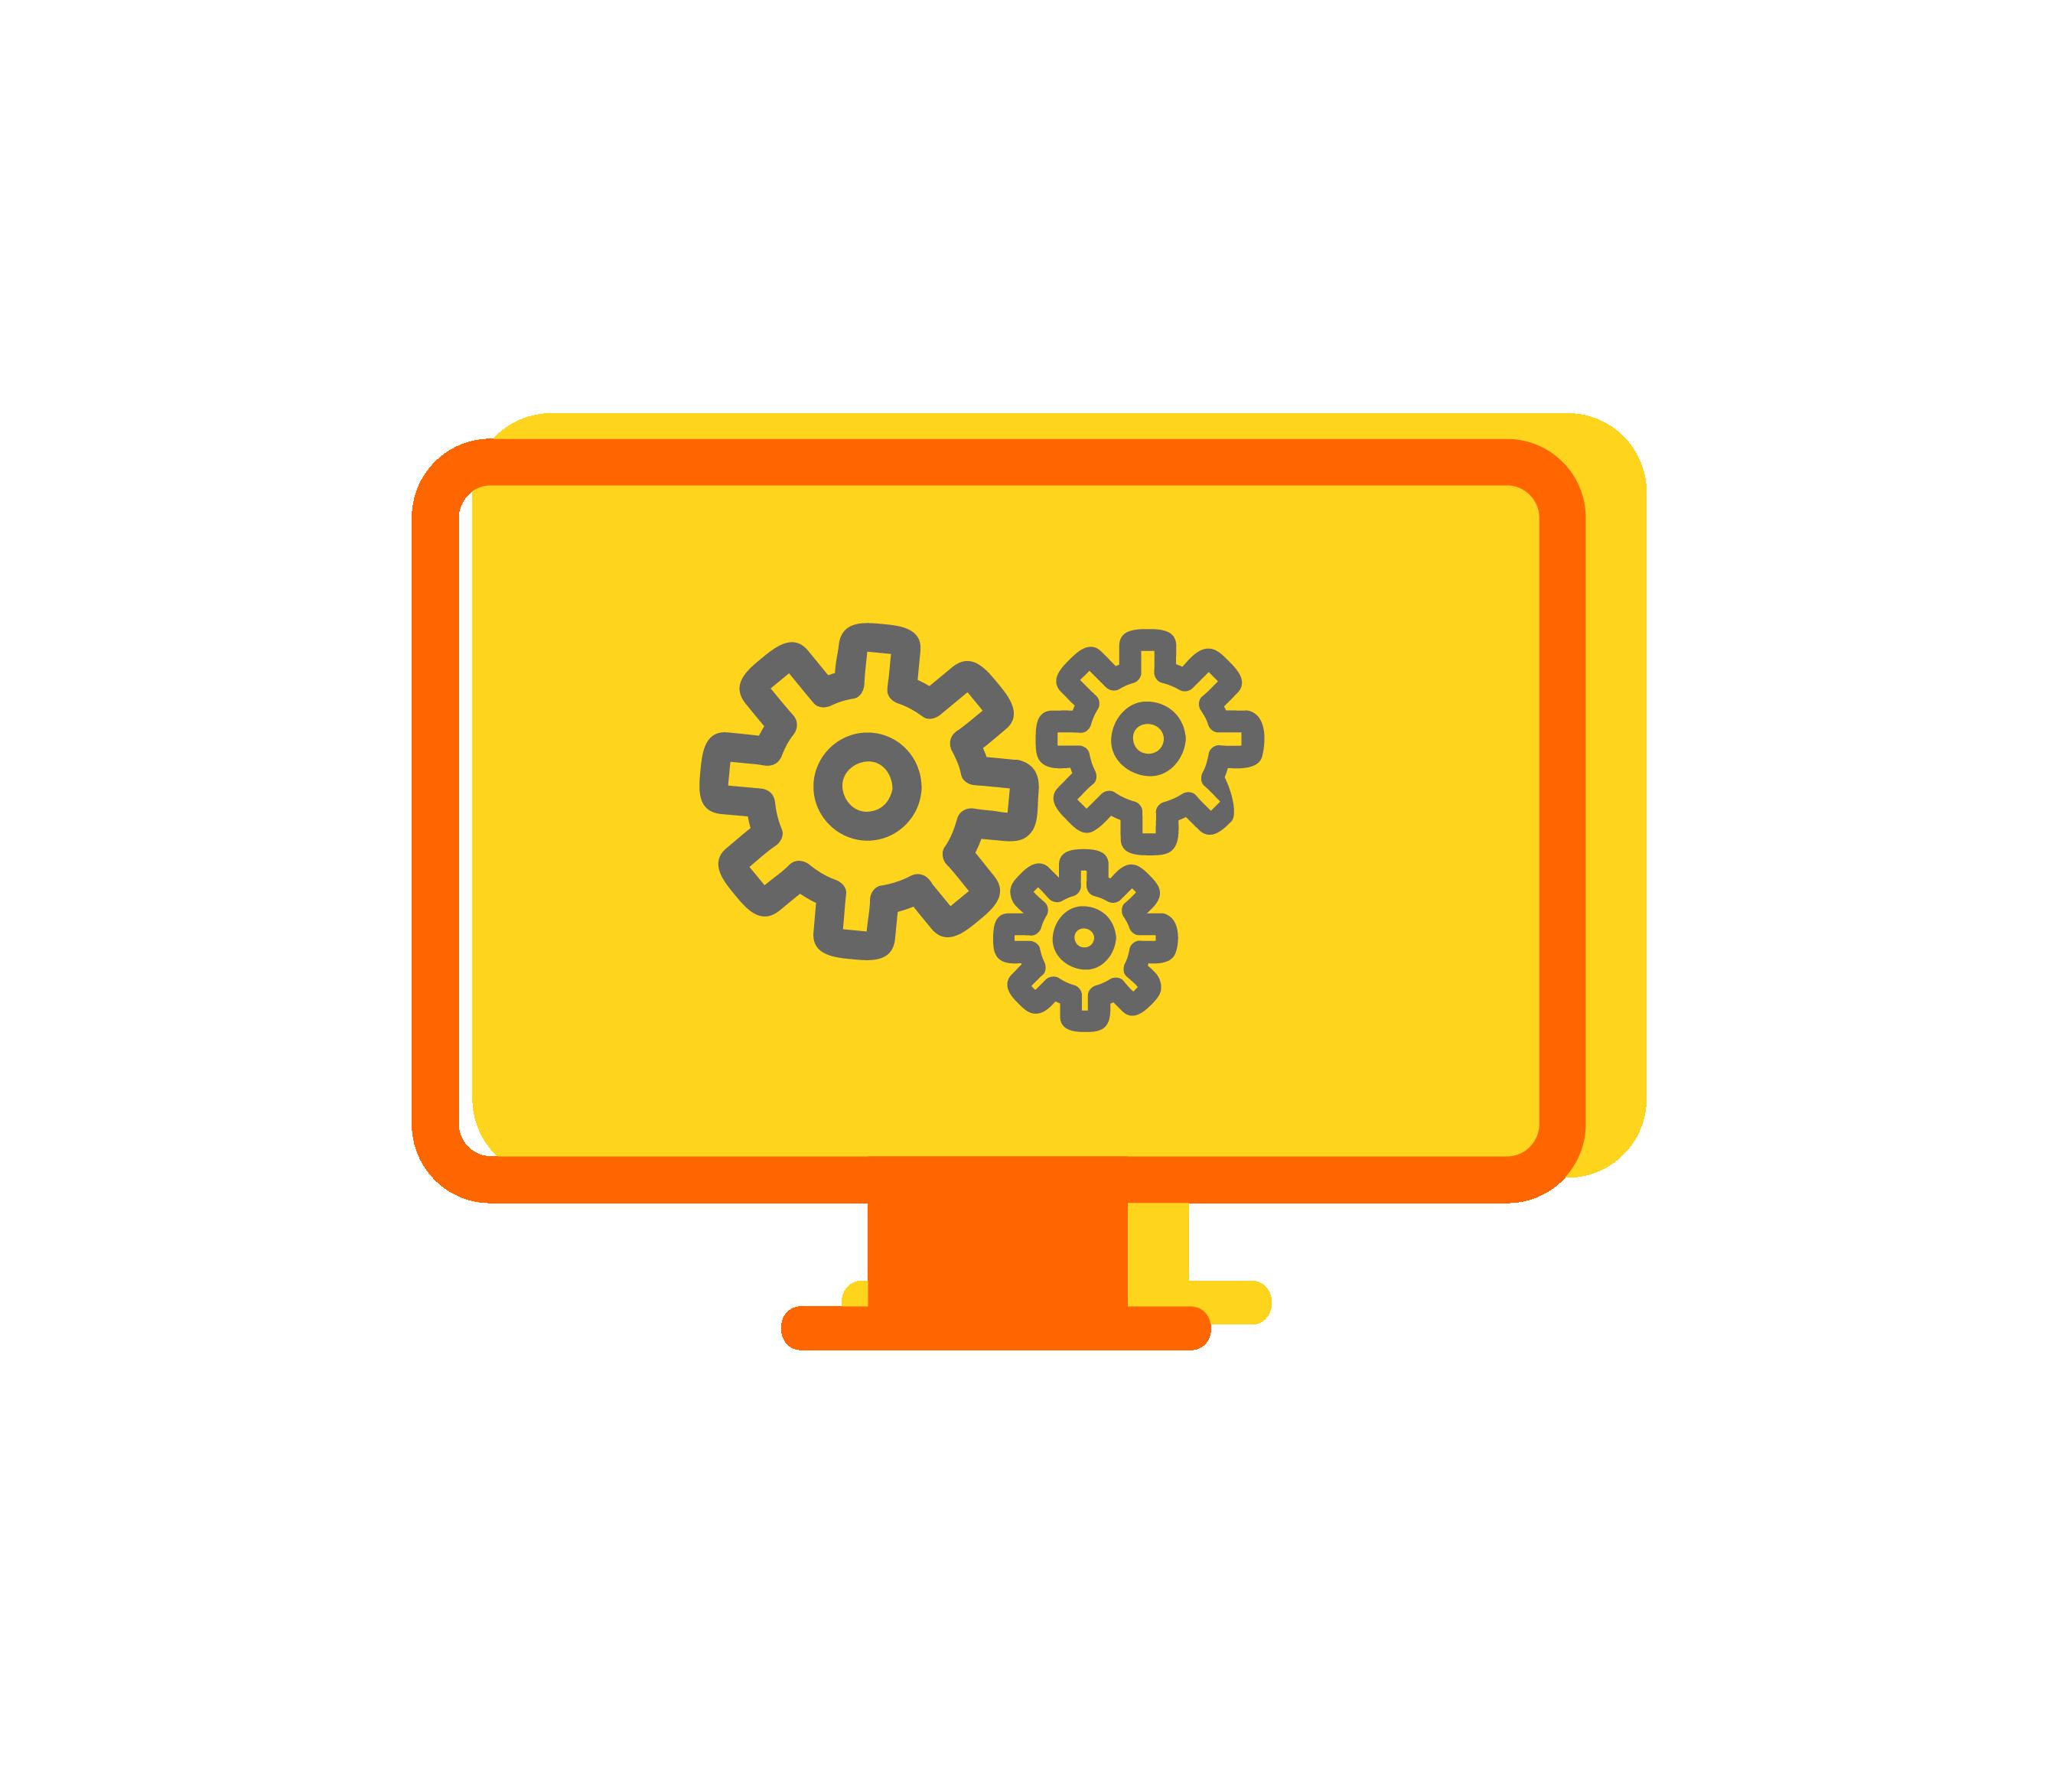 metodologías ágiles vidasoft desarrollo web en castellon